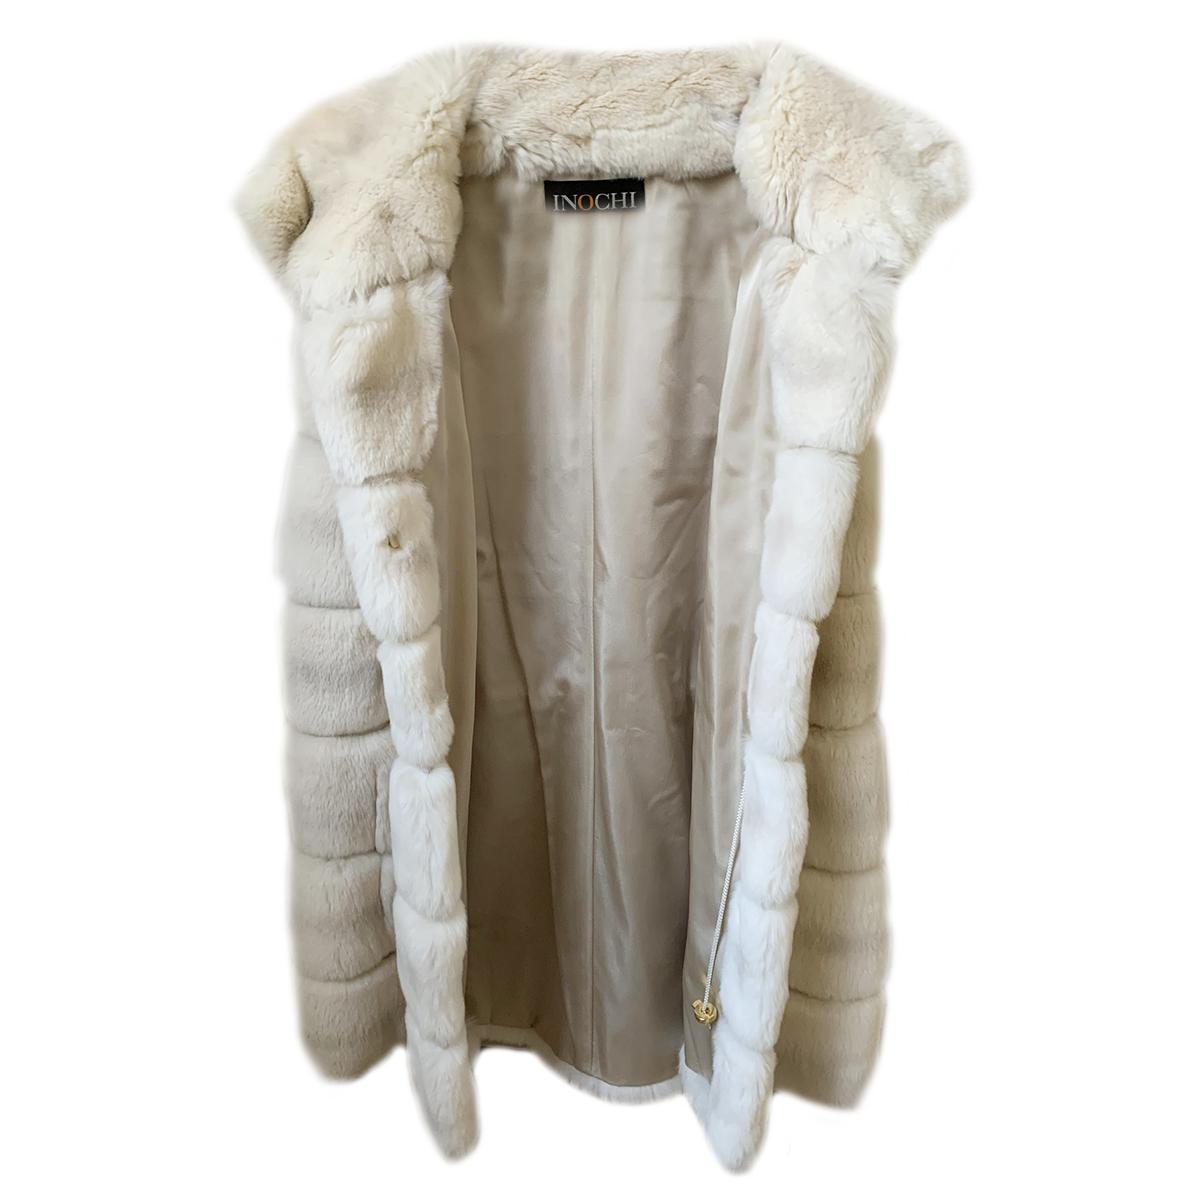 Bespoke Rex Rabbit White Fur Jacket